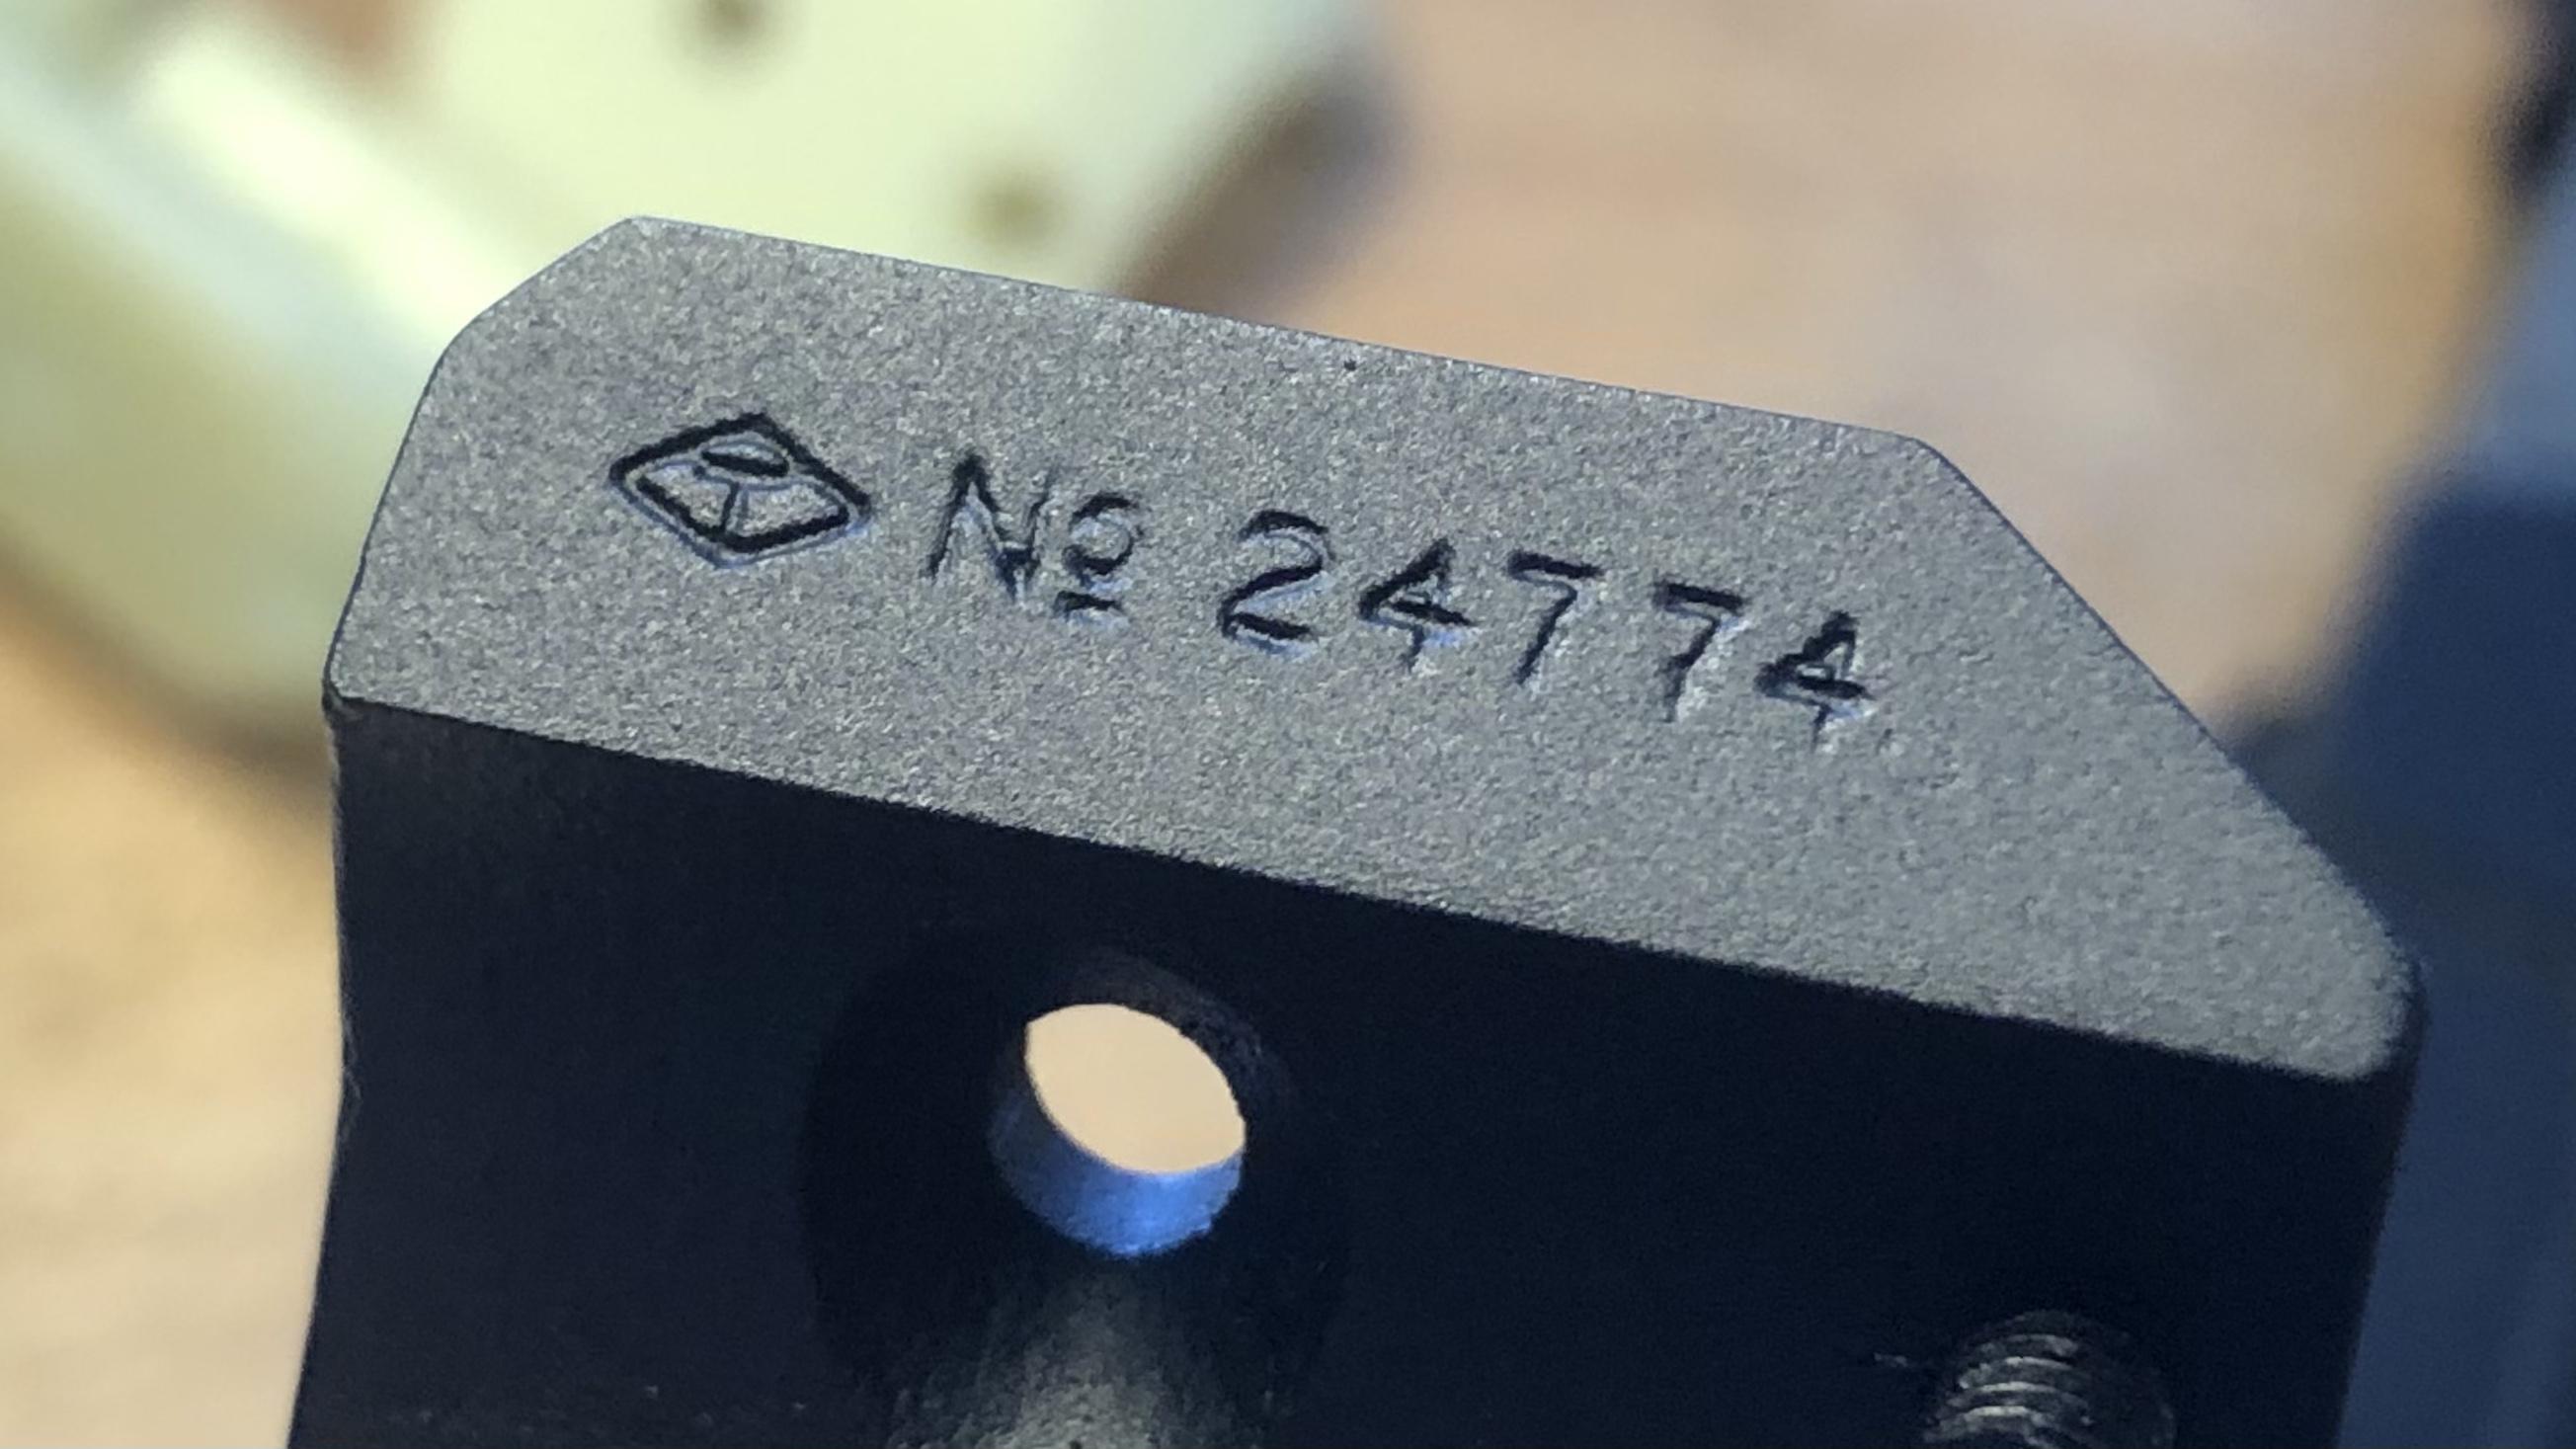 4376D57B-DDCA-4AF6-8603-8BC104CE7AF5.jpeg